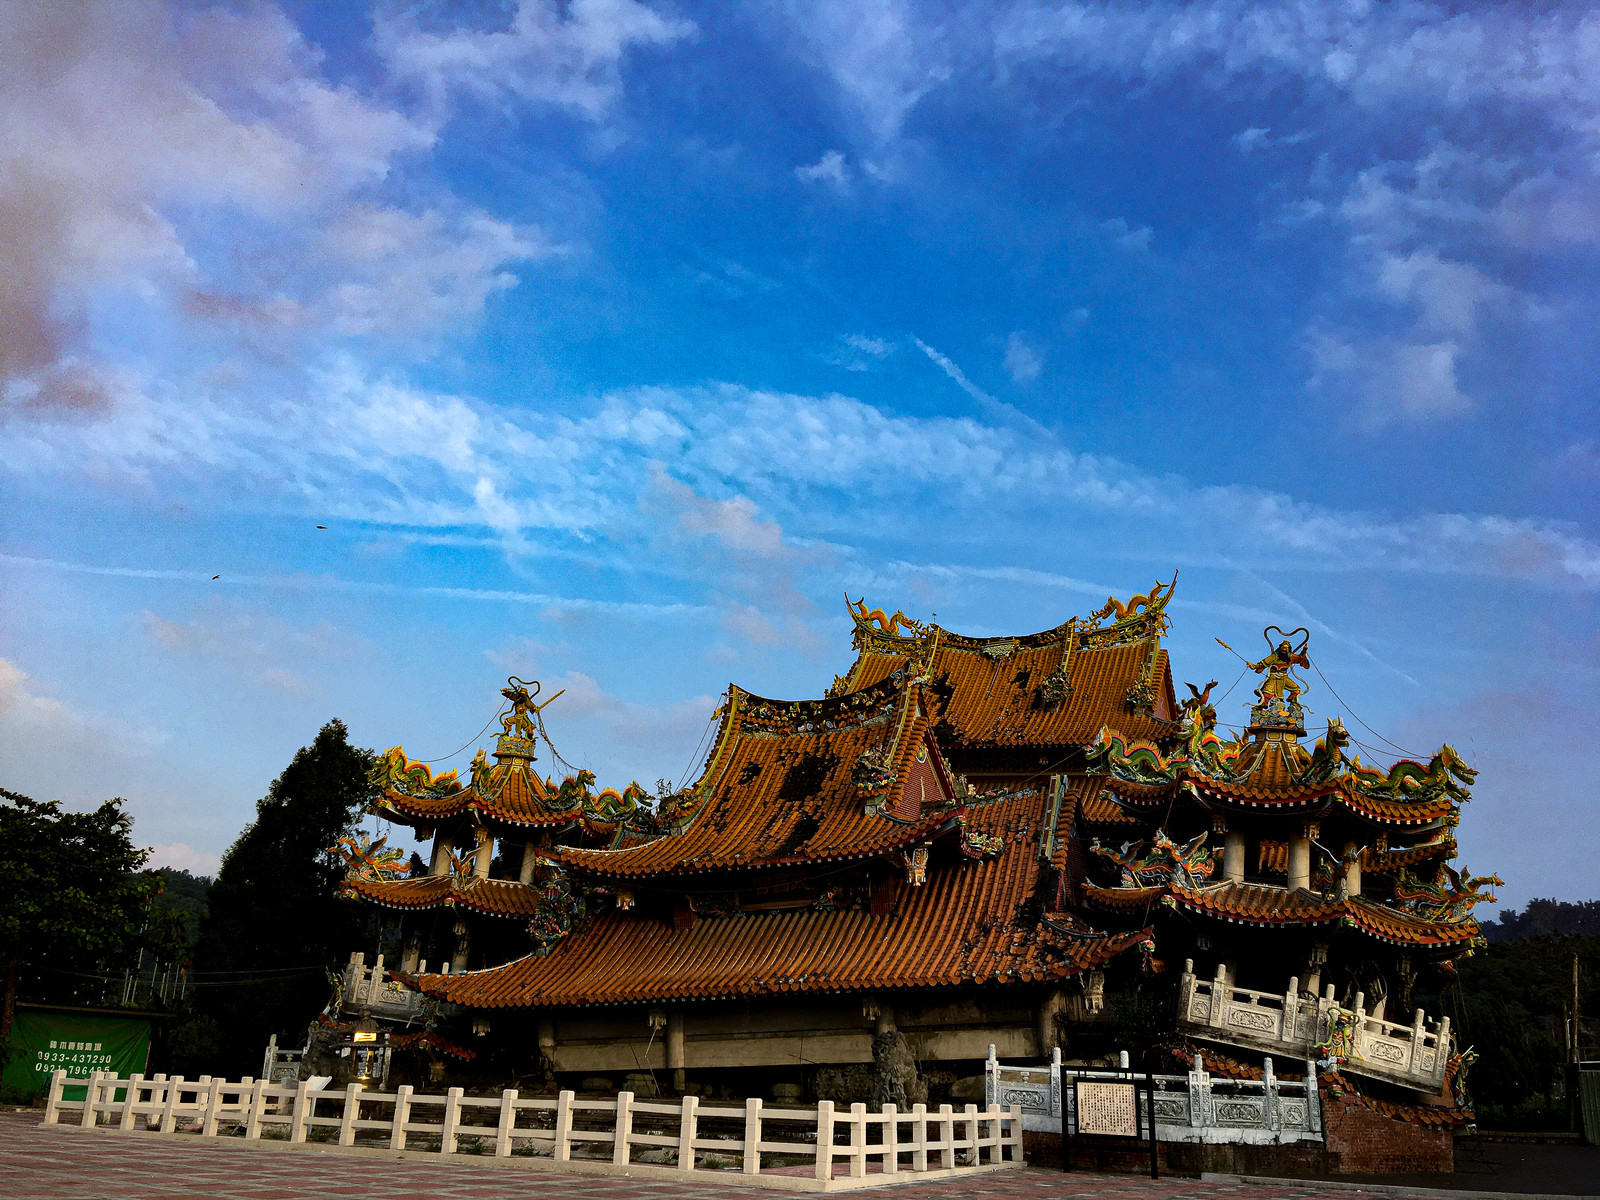 「地震で崩壊した寺院(台湾)」の写真